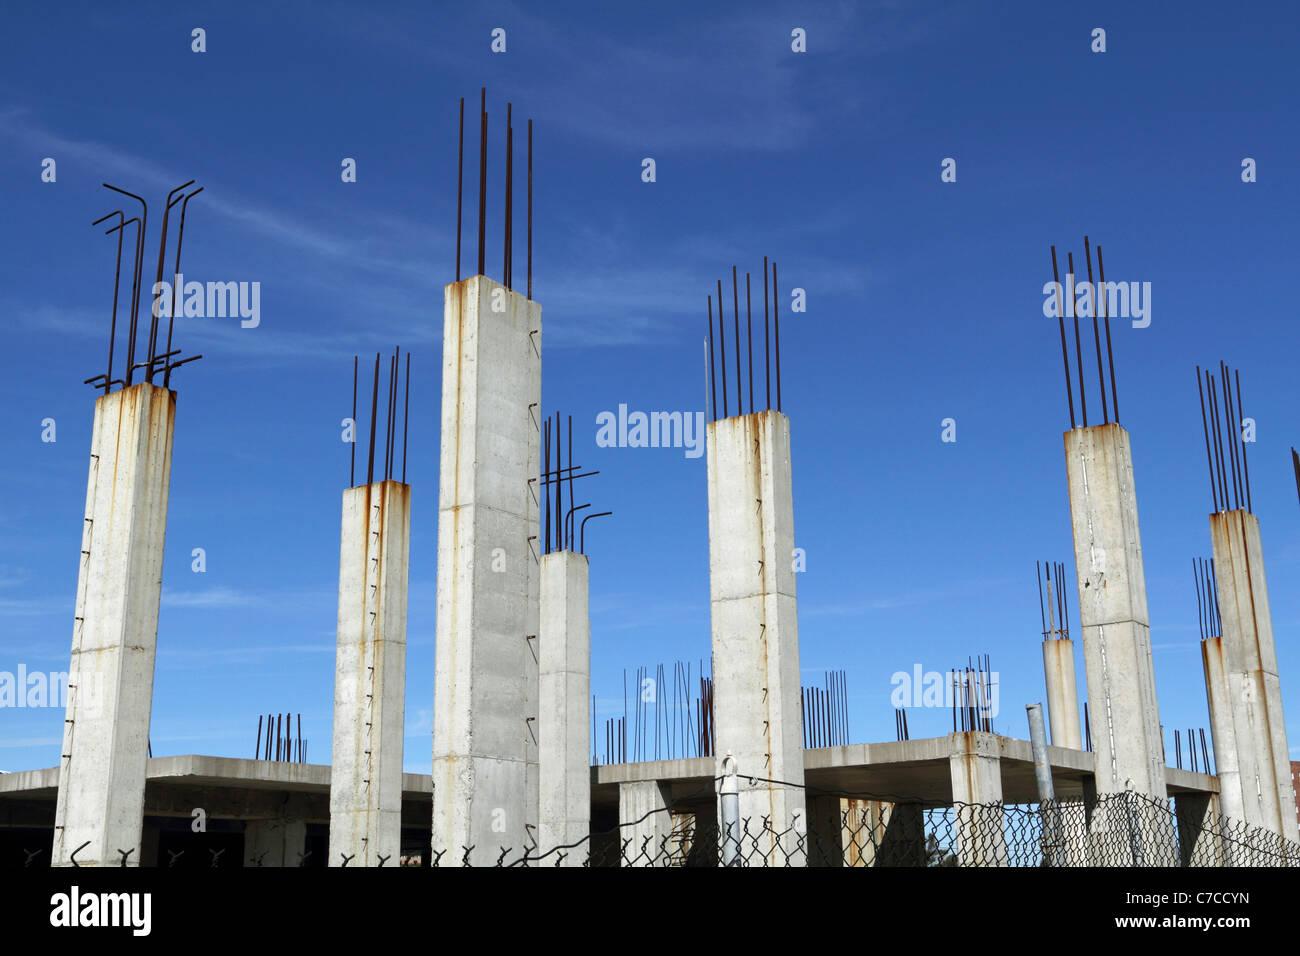 Pillar Concrete Buildings : Reinforced concrete structural columns at a construction